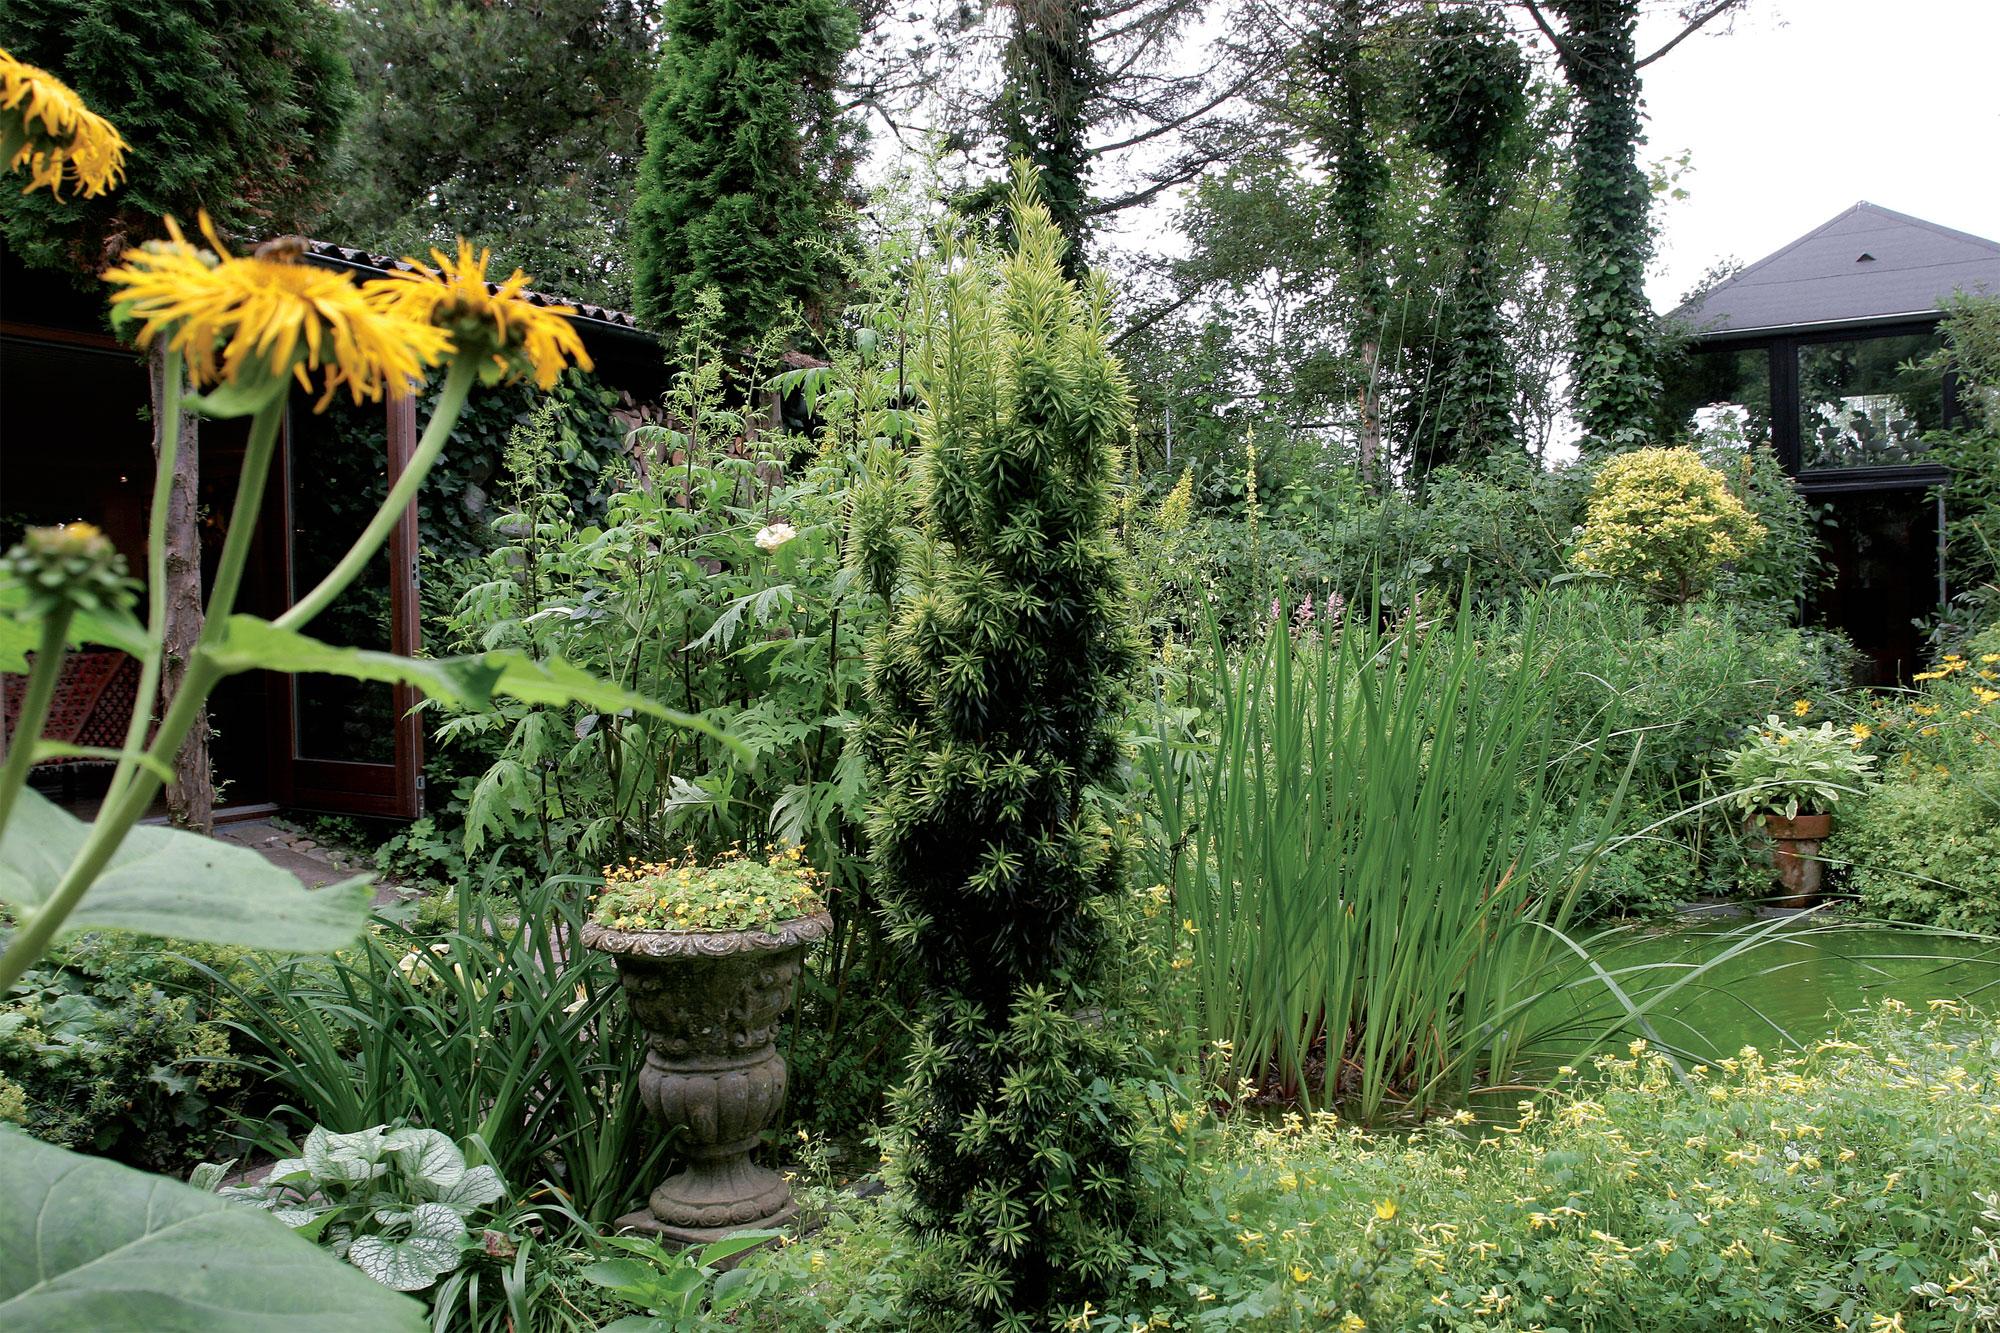 Keltainen puutarha muodostaa intiimin kokonaisuuden. Kellansävyinen marjakuusilajike (Taxus), keltakurjenmiekat (Iris pseudacorus) ja etualan keltakiurunkannukset (Pseudofumaria lutea) viihtyvät altaan äärellä.